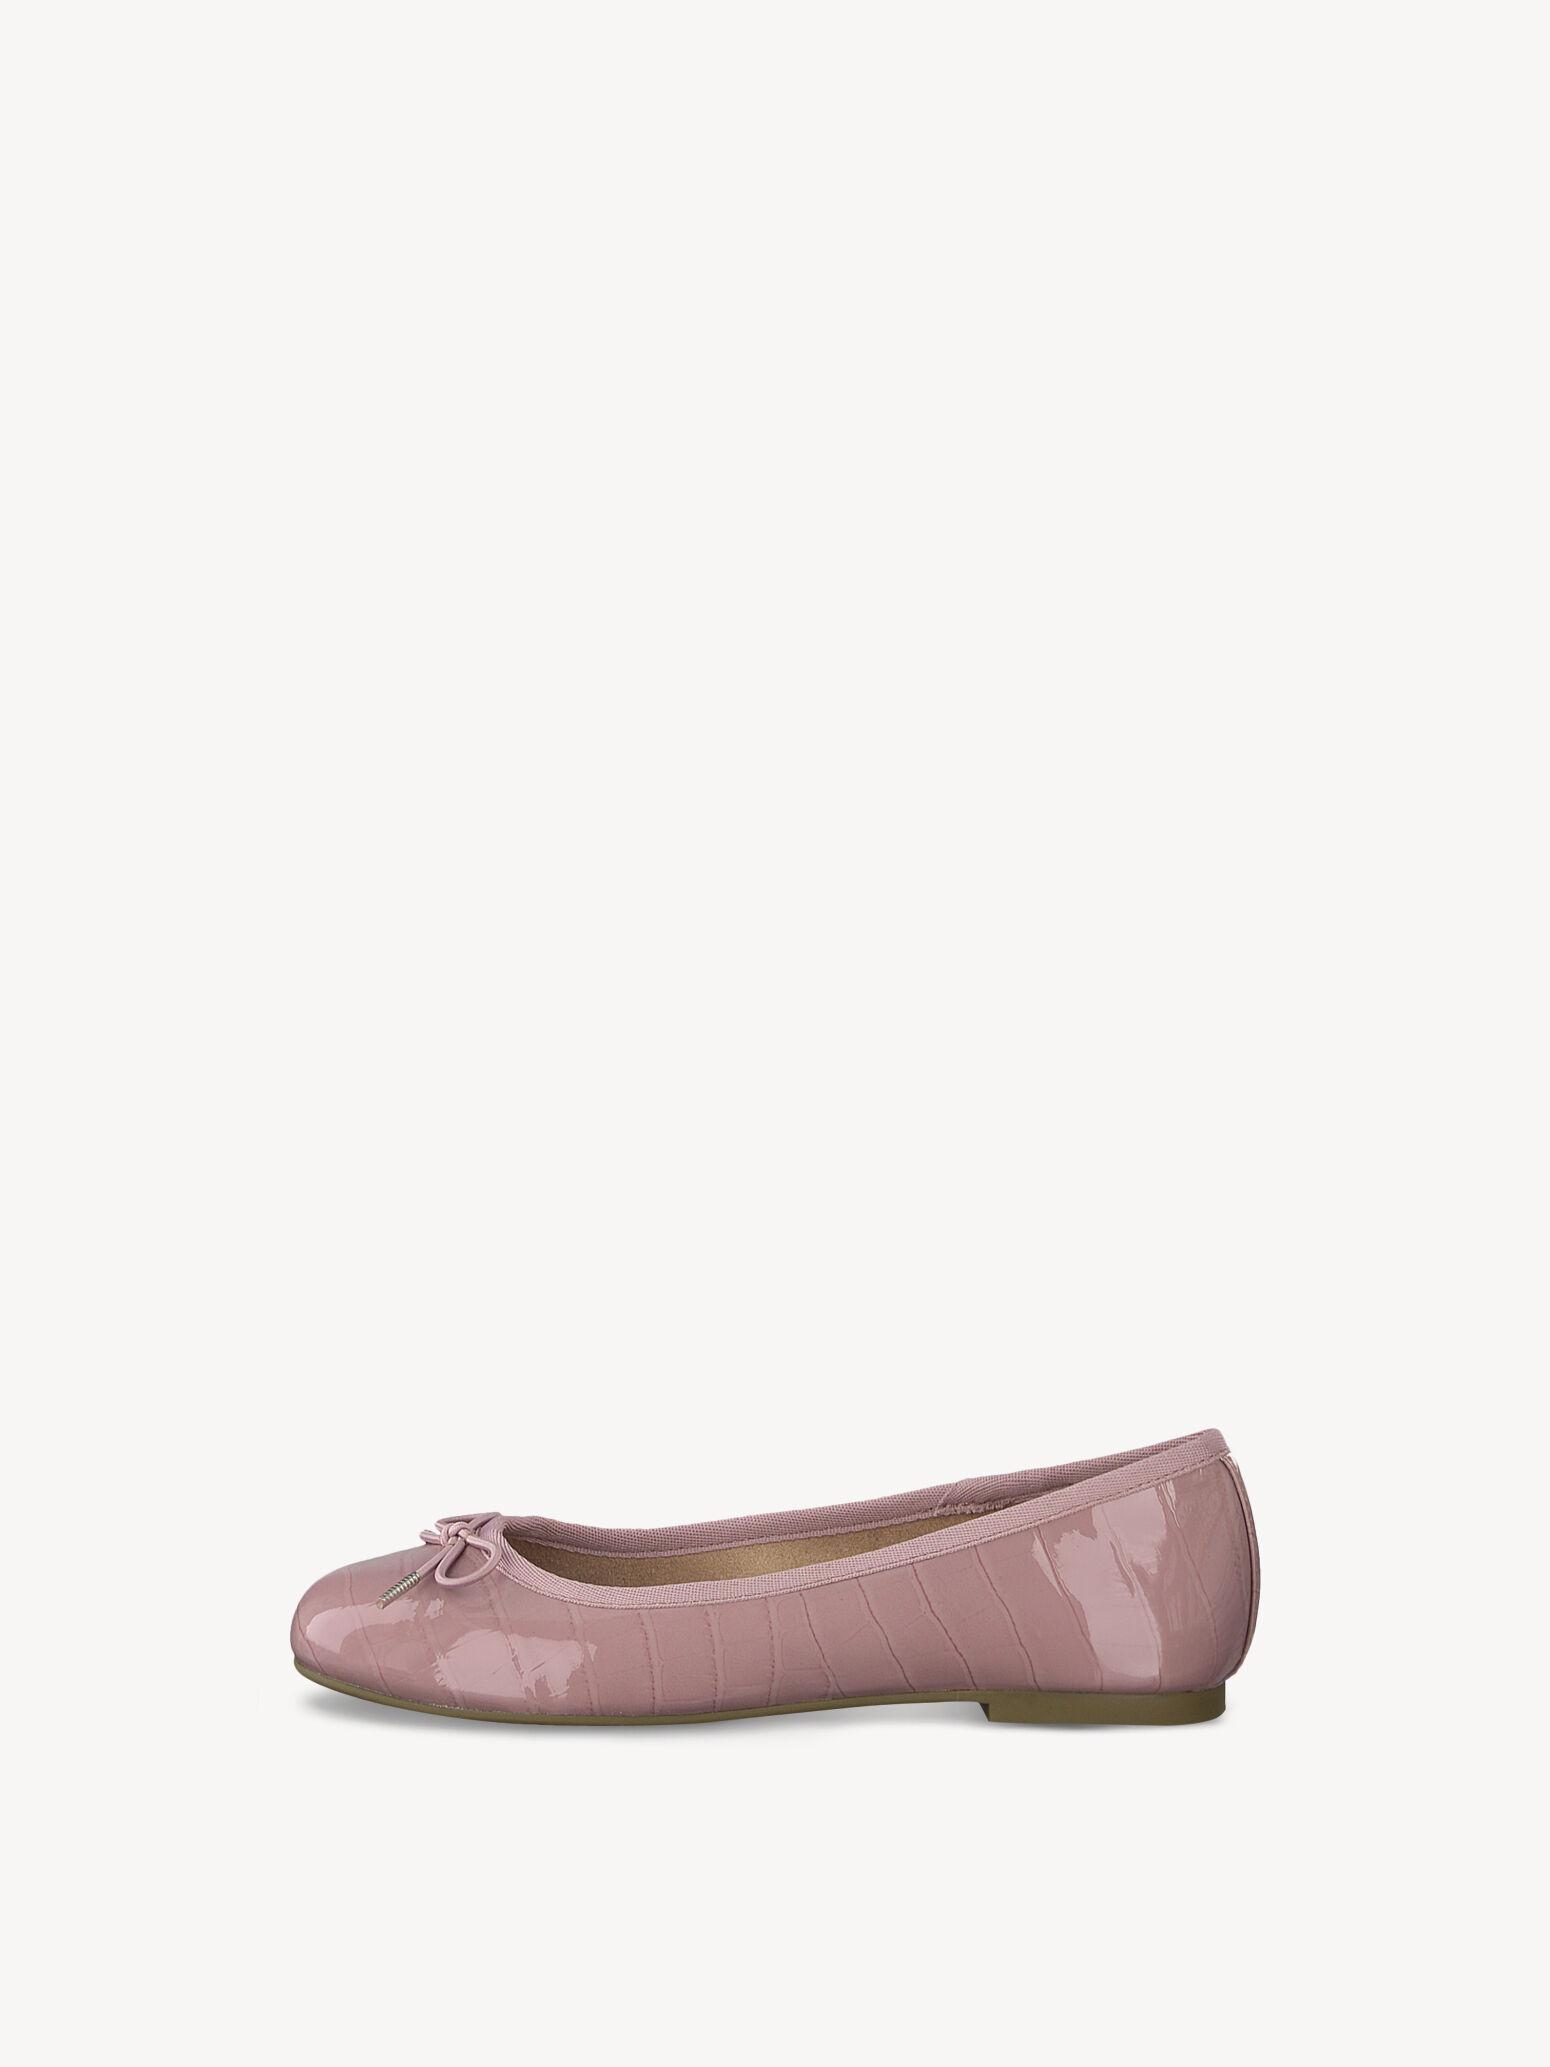 Ballerinas von Tamaris online kaufen Tamaris Damenschuhe